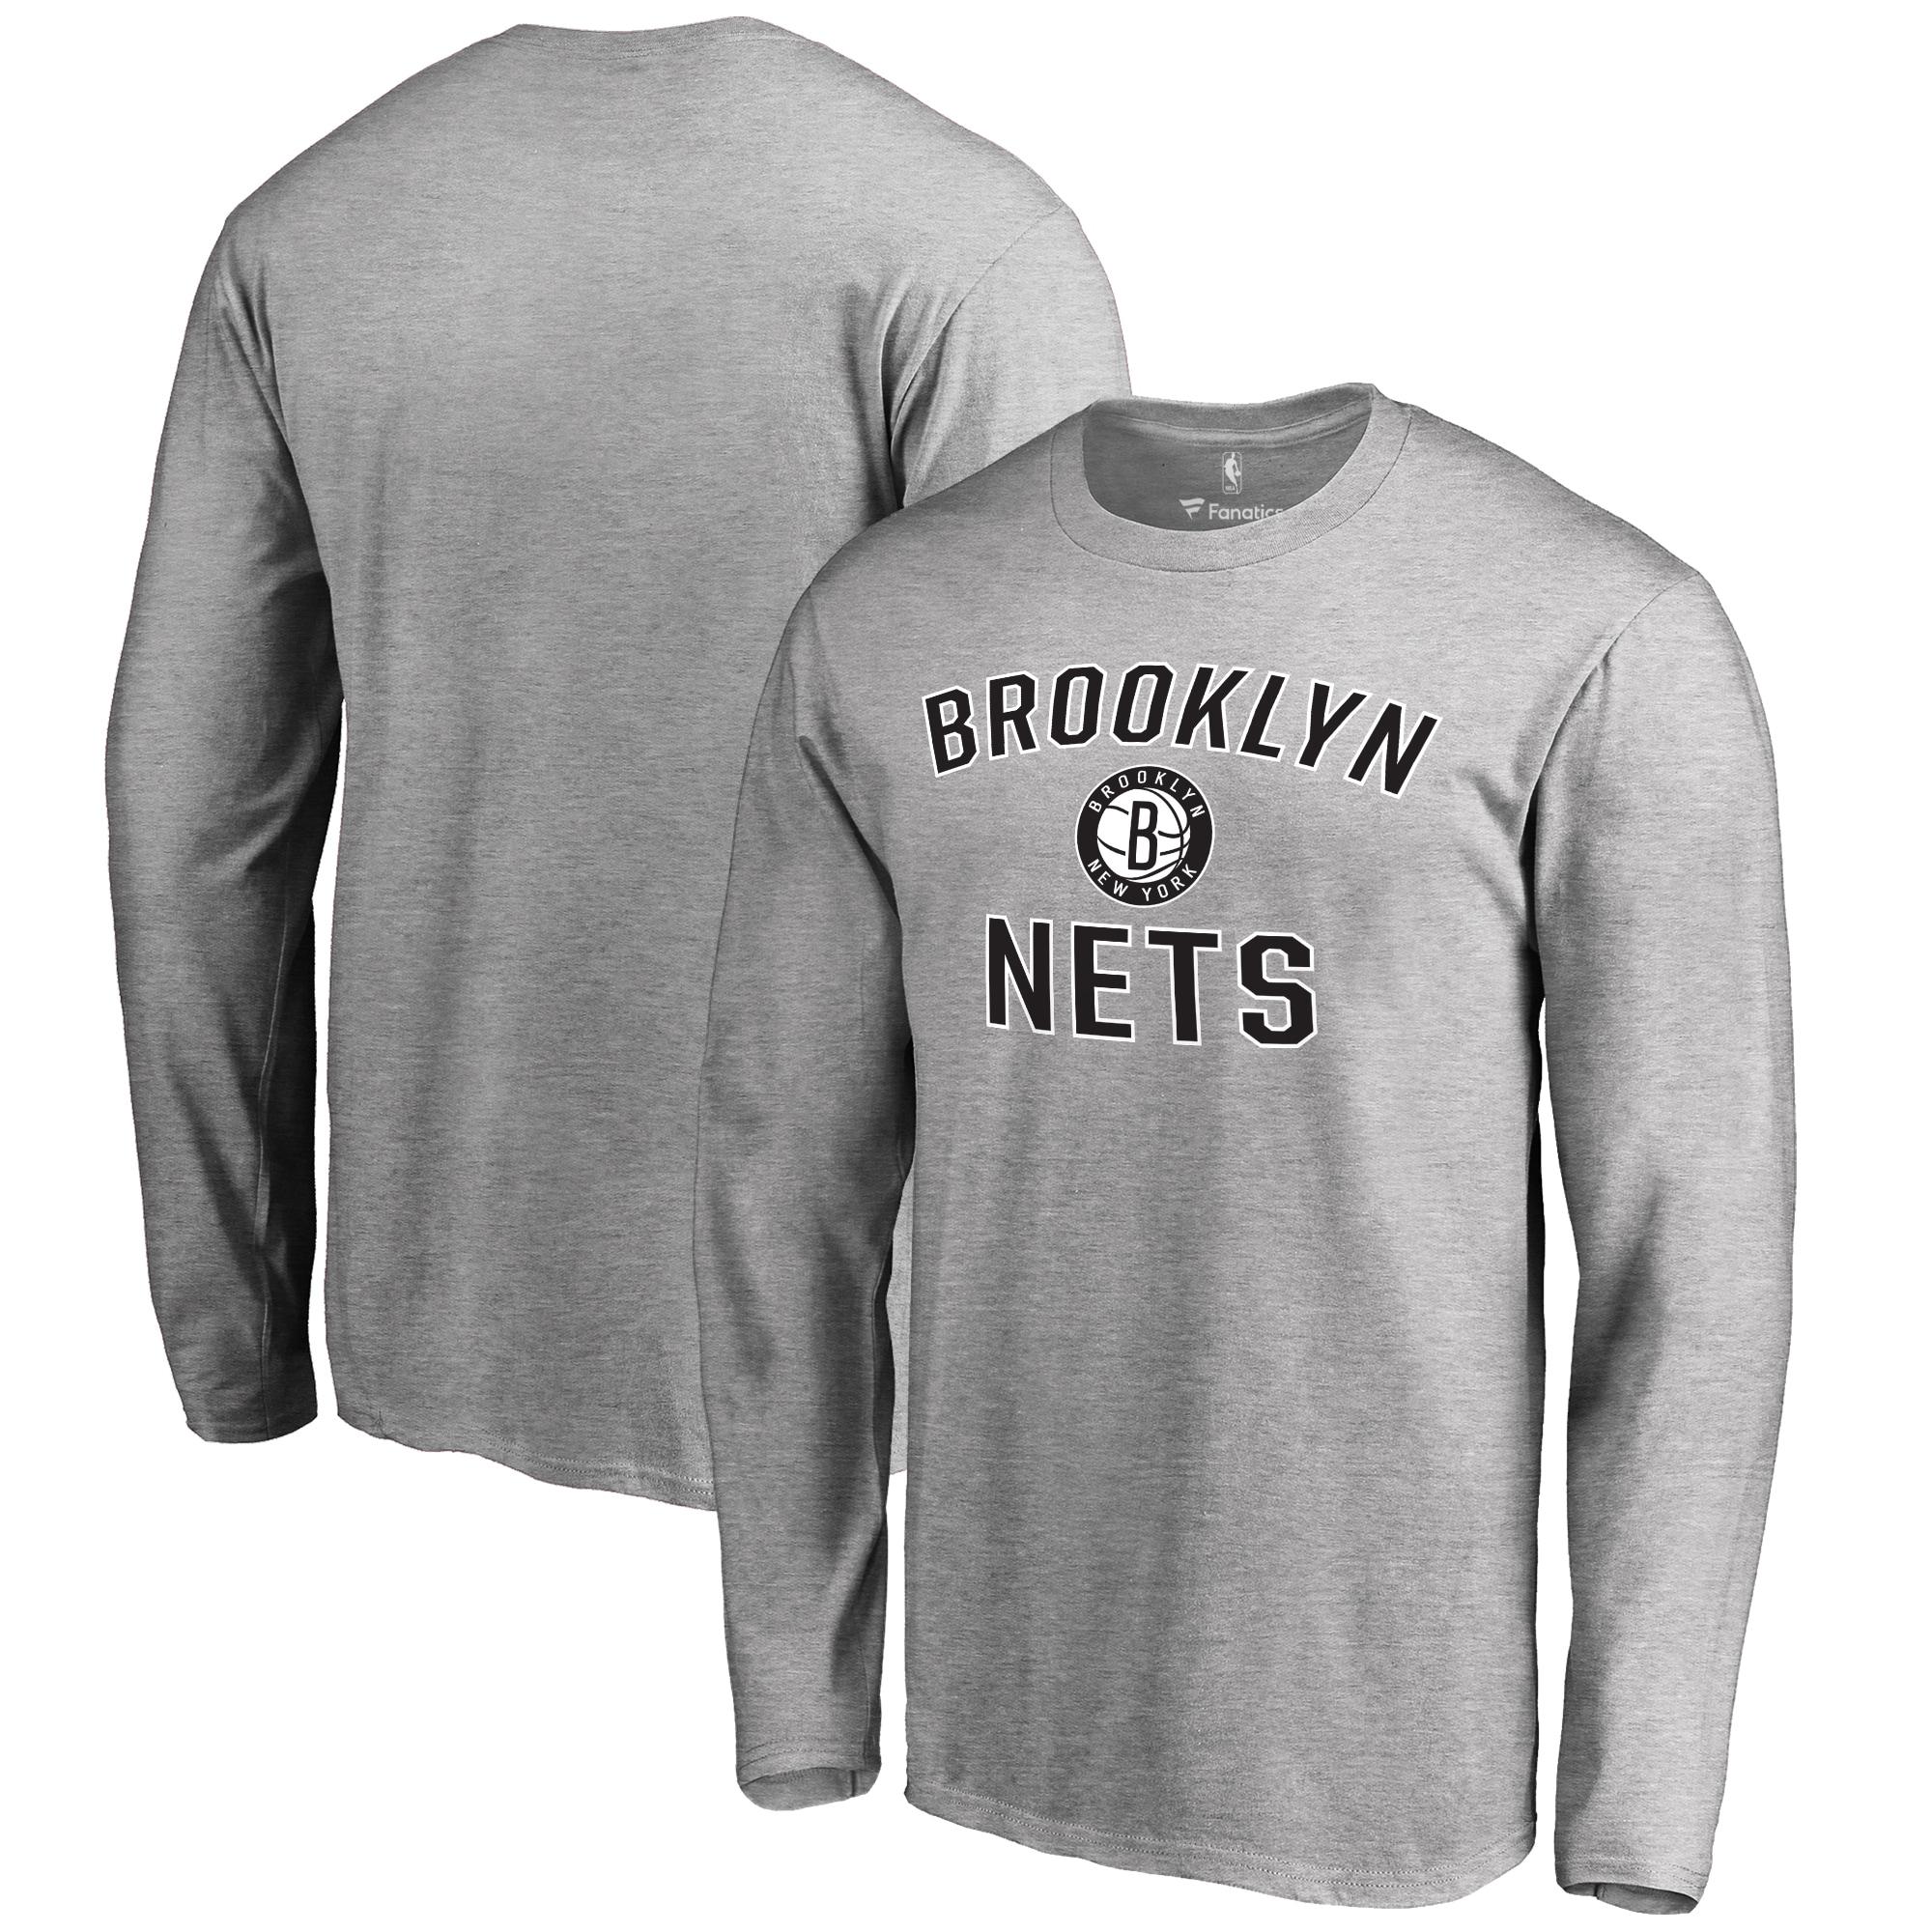 Brooklyn Nets Big & Tall Victory Arch Long Sleeve T-Shirt - Ash